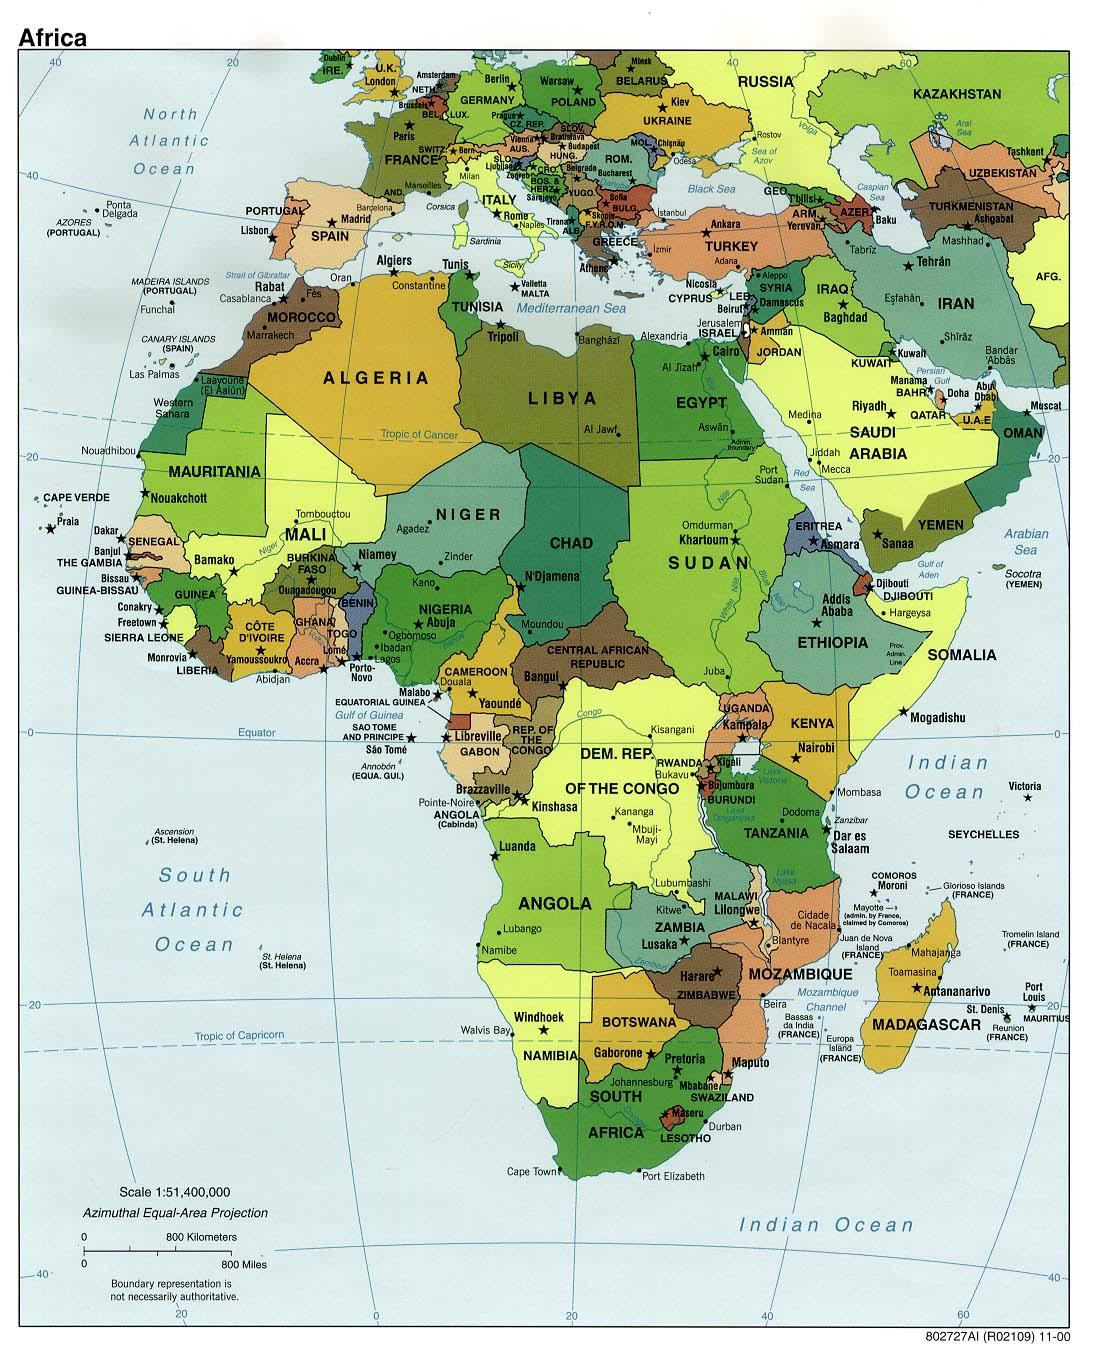 Mapa Politico de África 2000